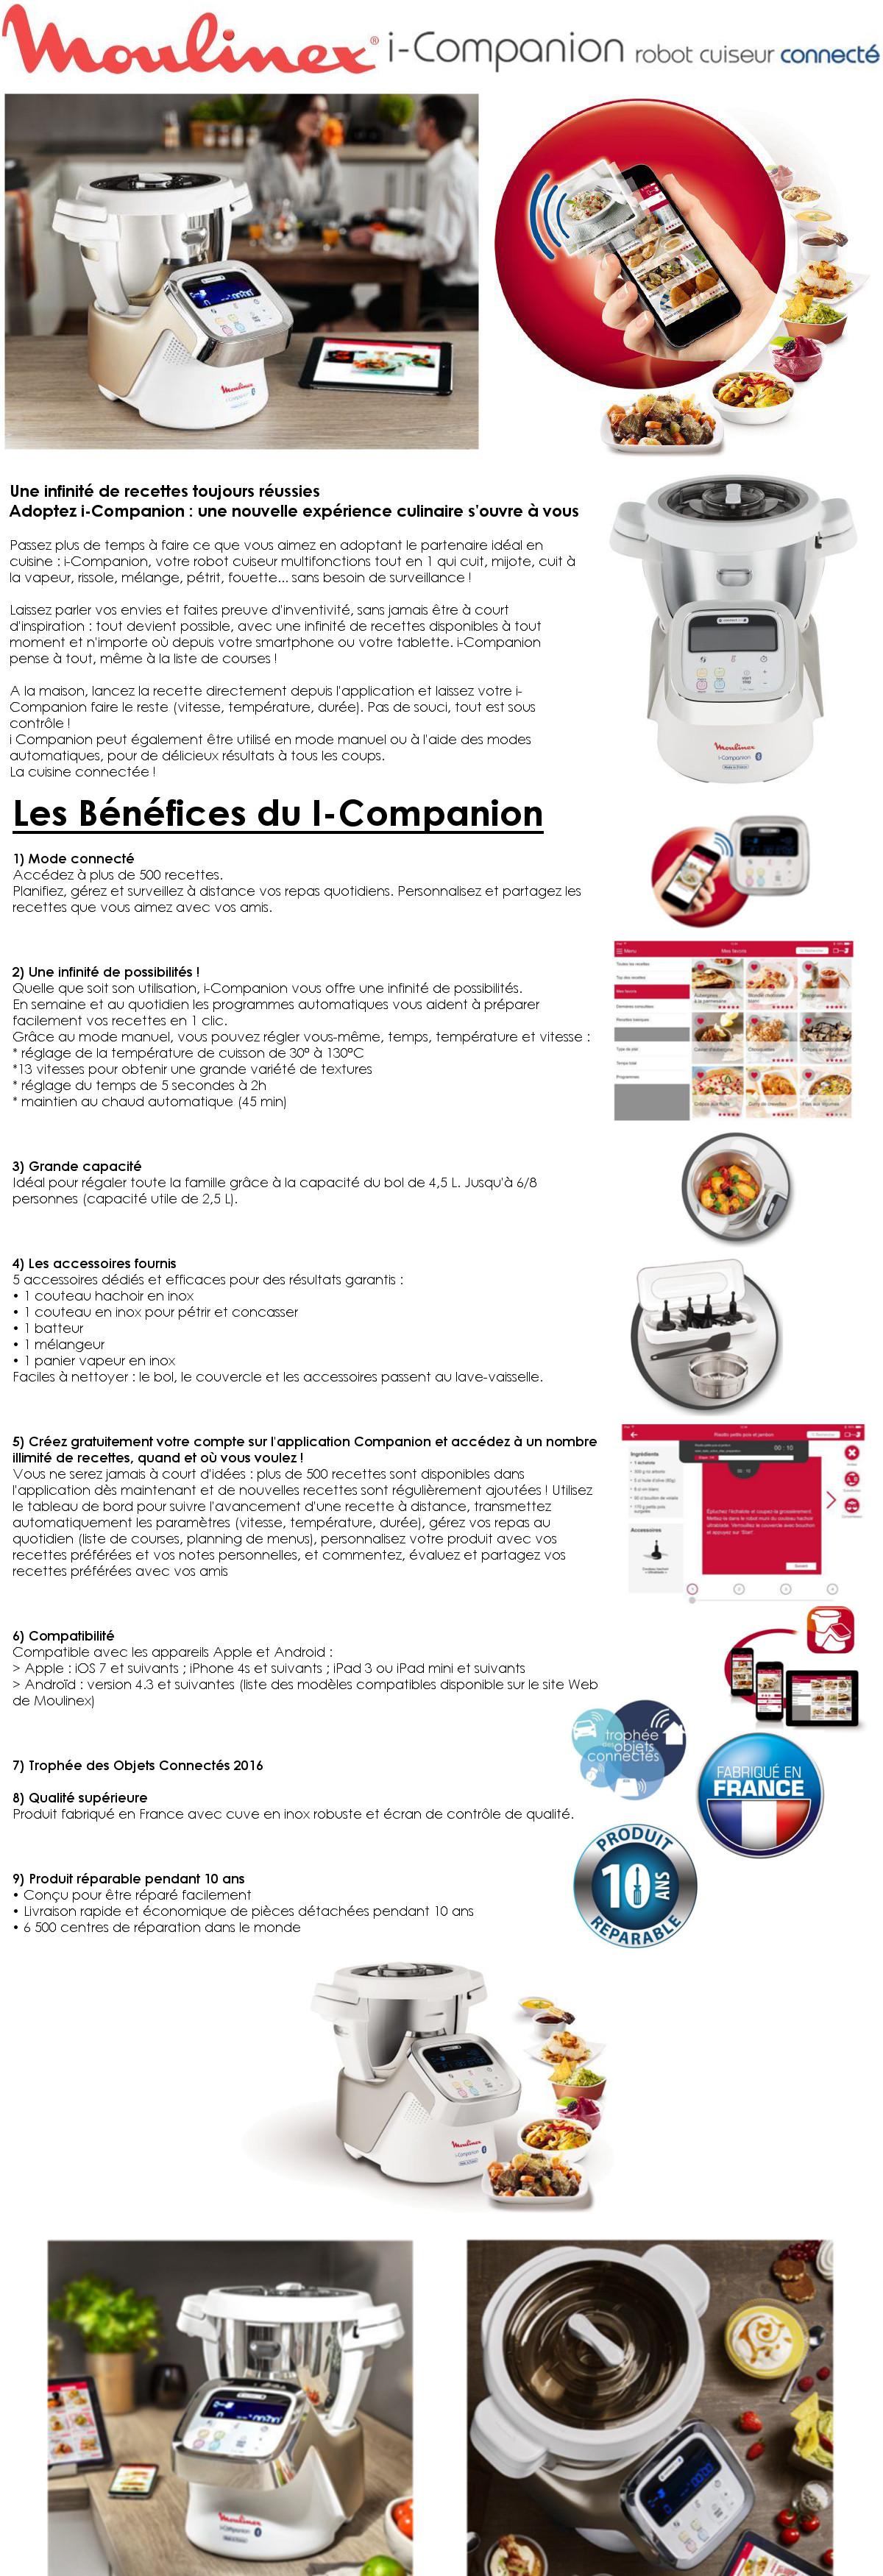 MOULINEX Robot cuiseur connecté I COMPANION HF900110 Achat